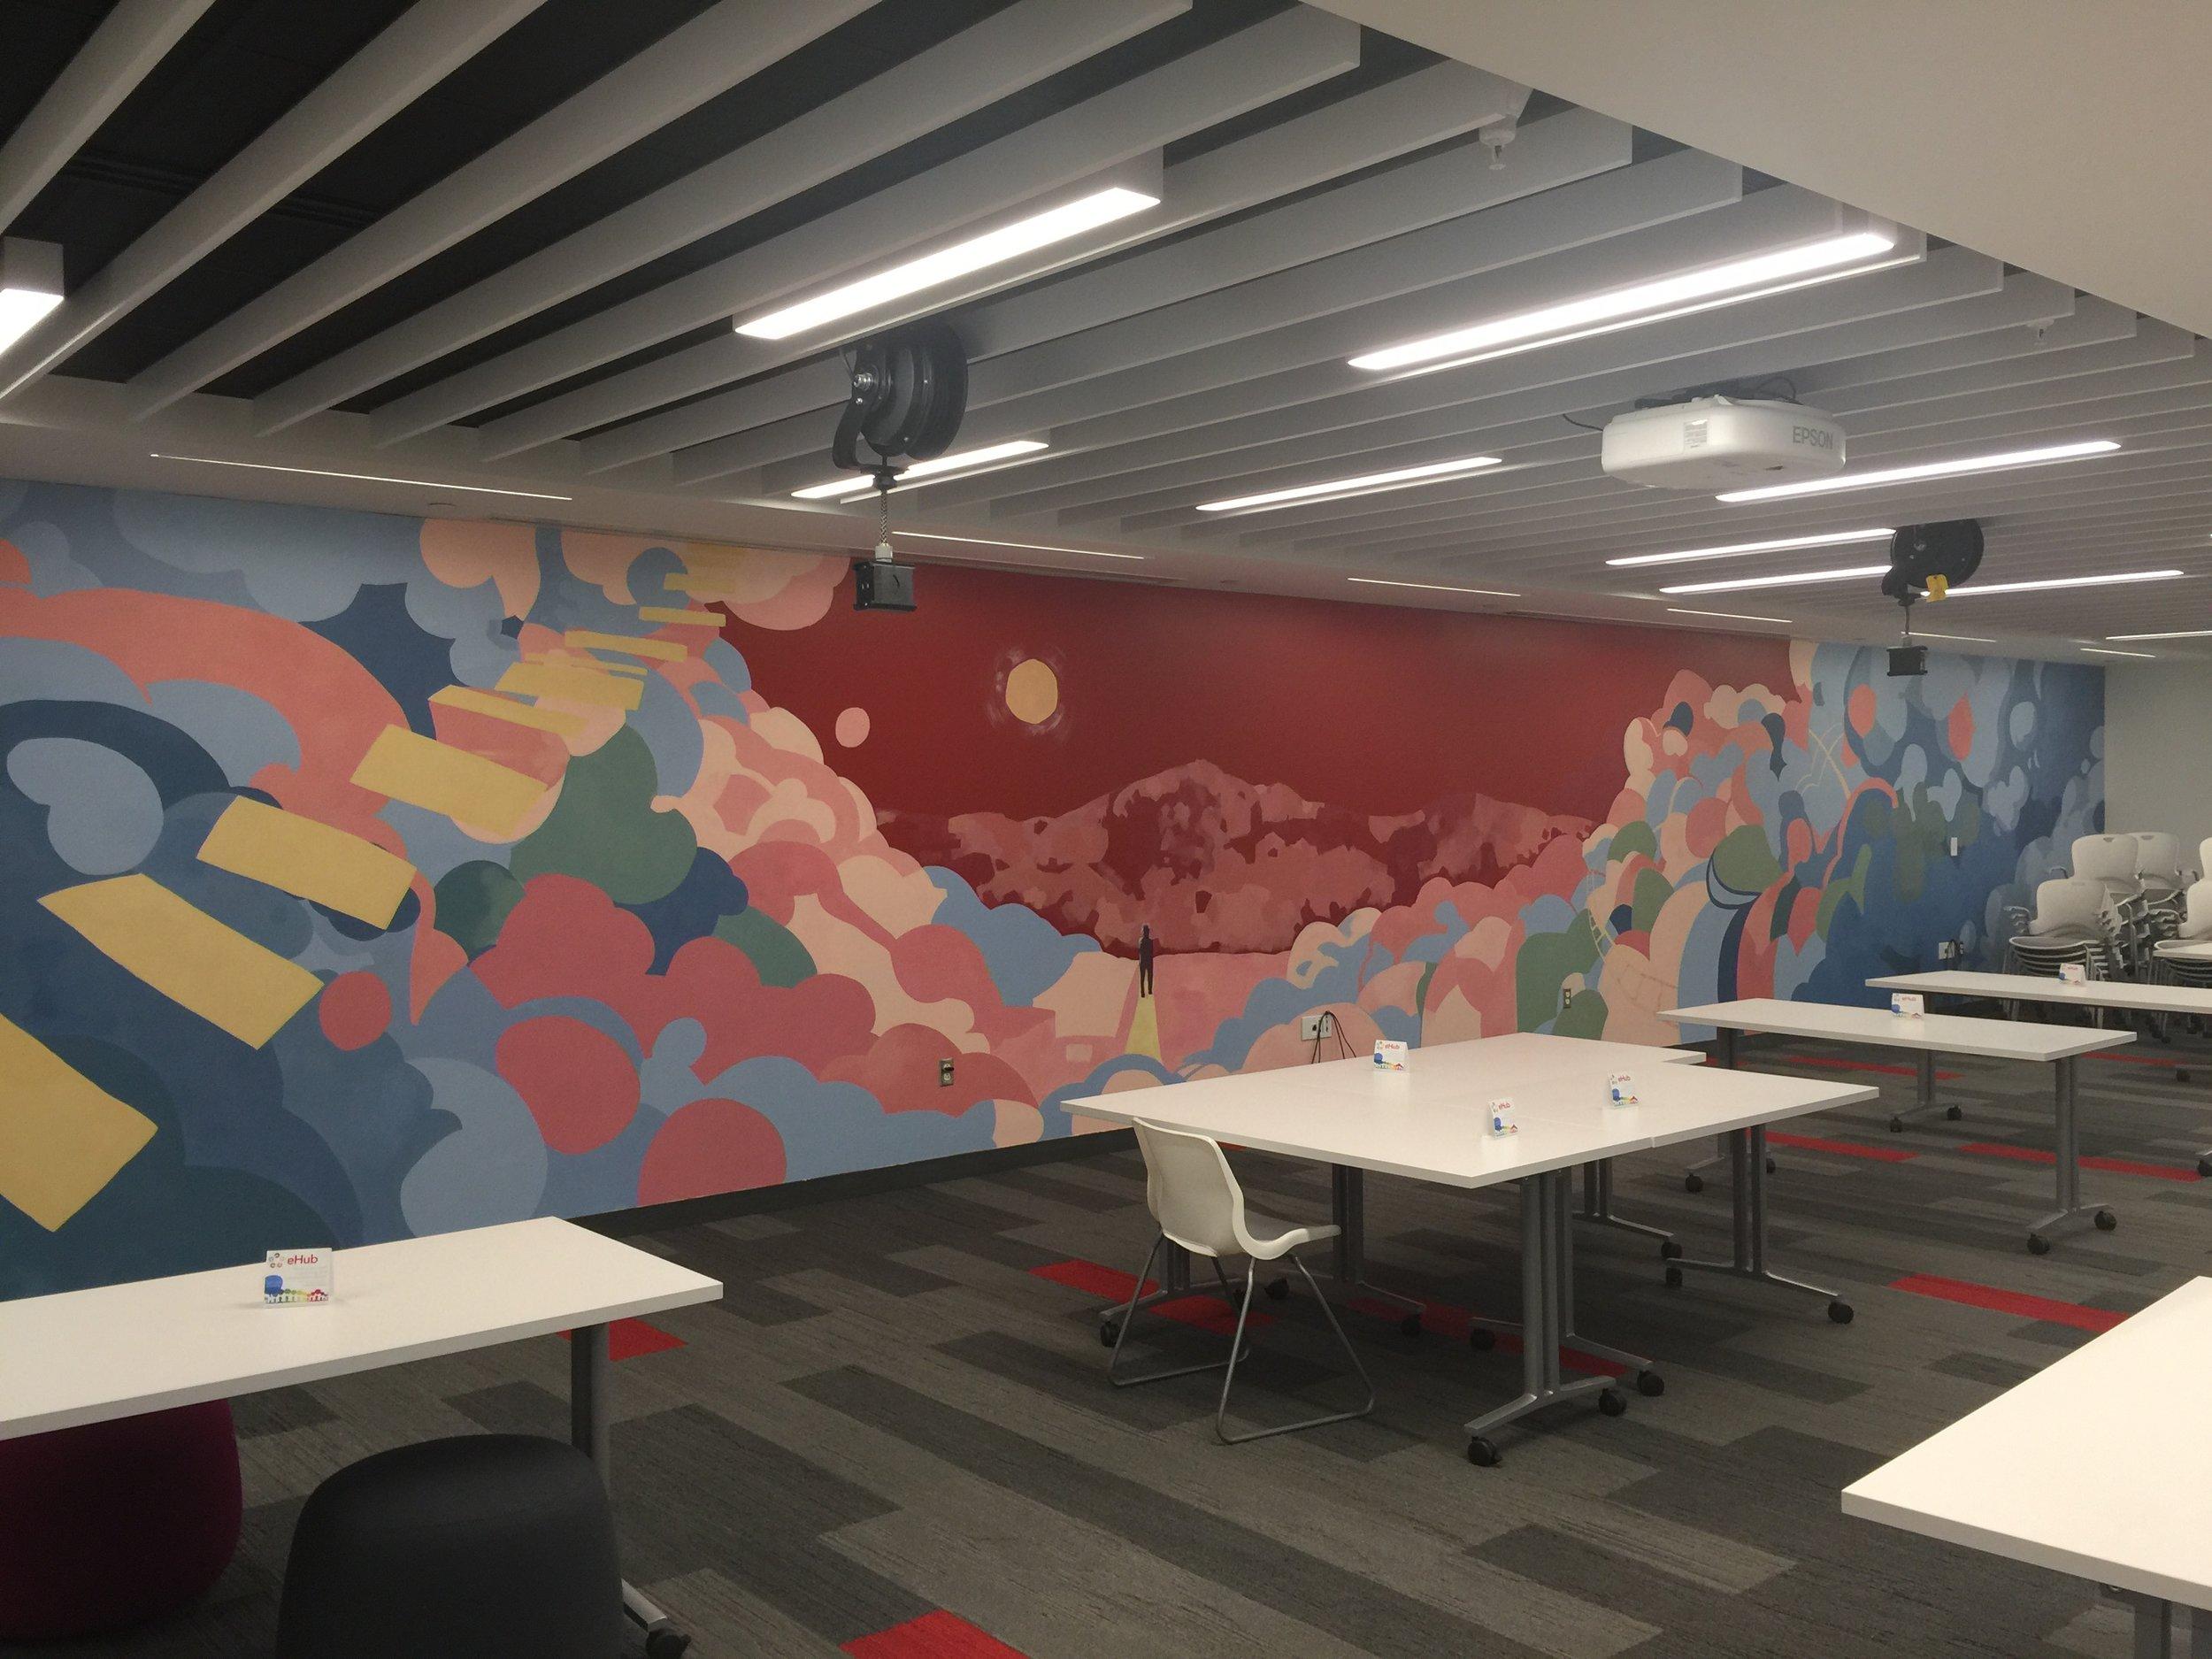 Wall Mural Wide.JPG